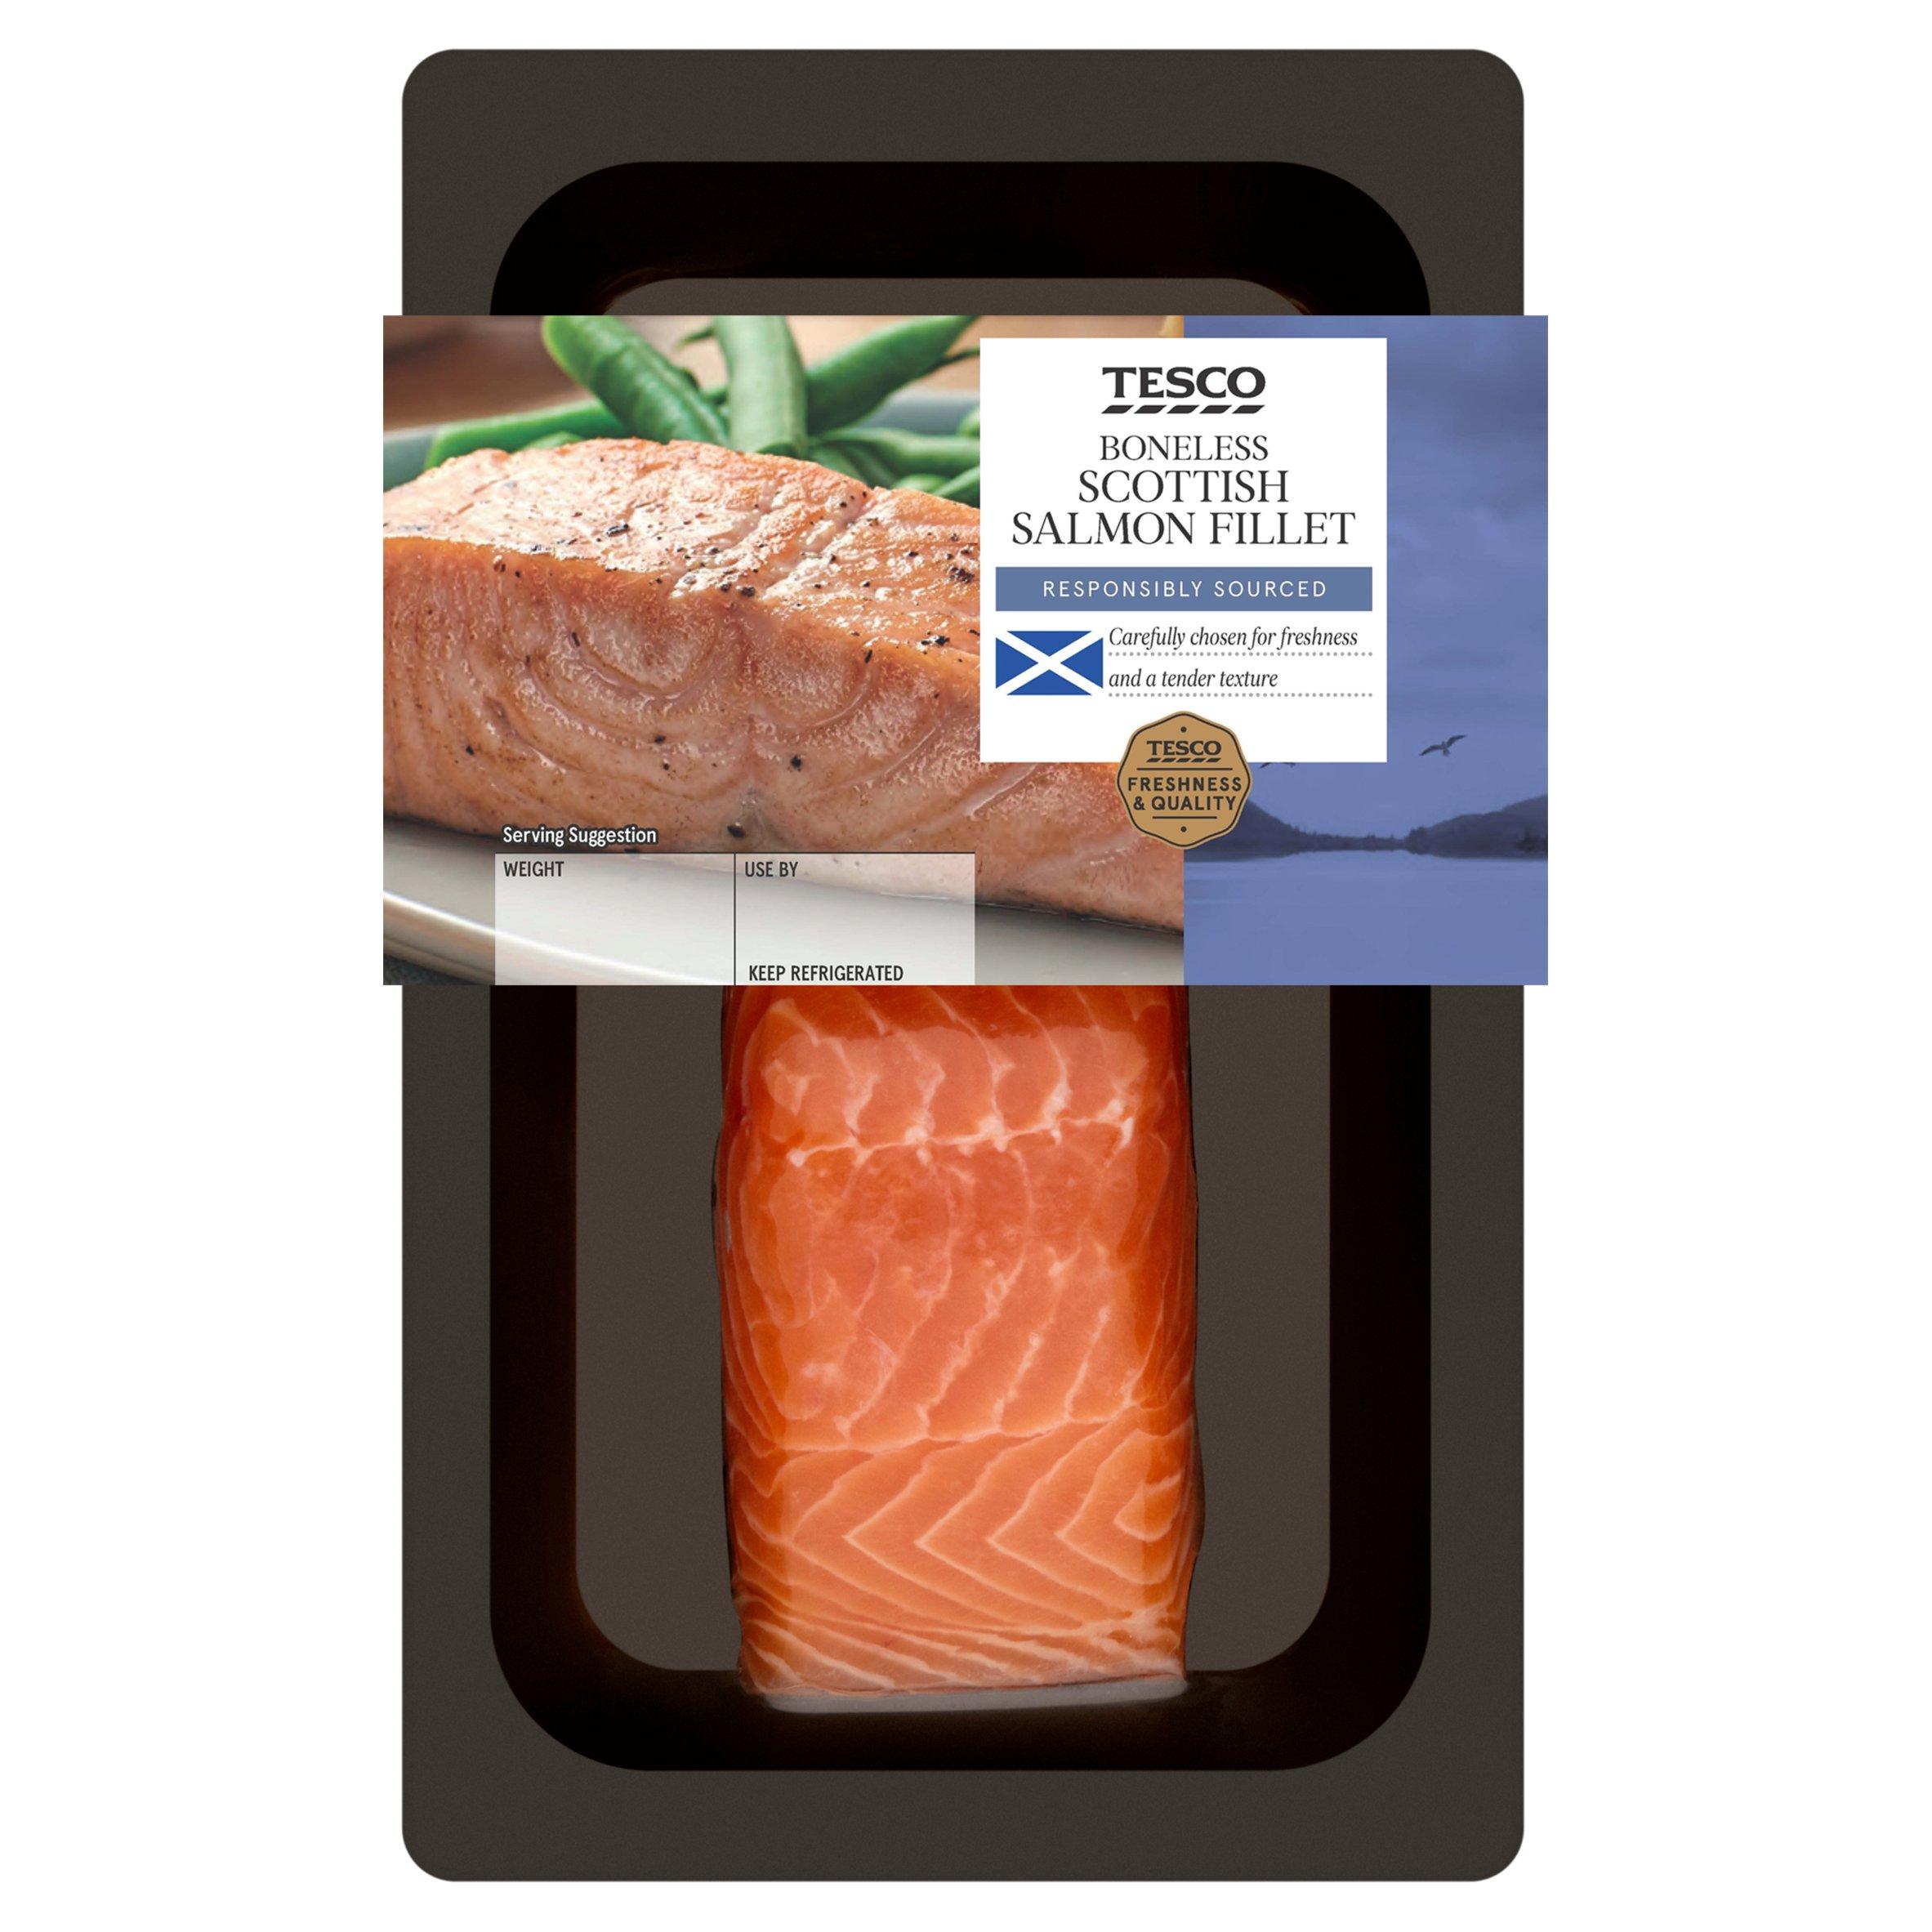 Tesco Boneless Salmon Fillet 130G